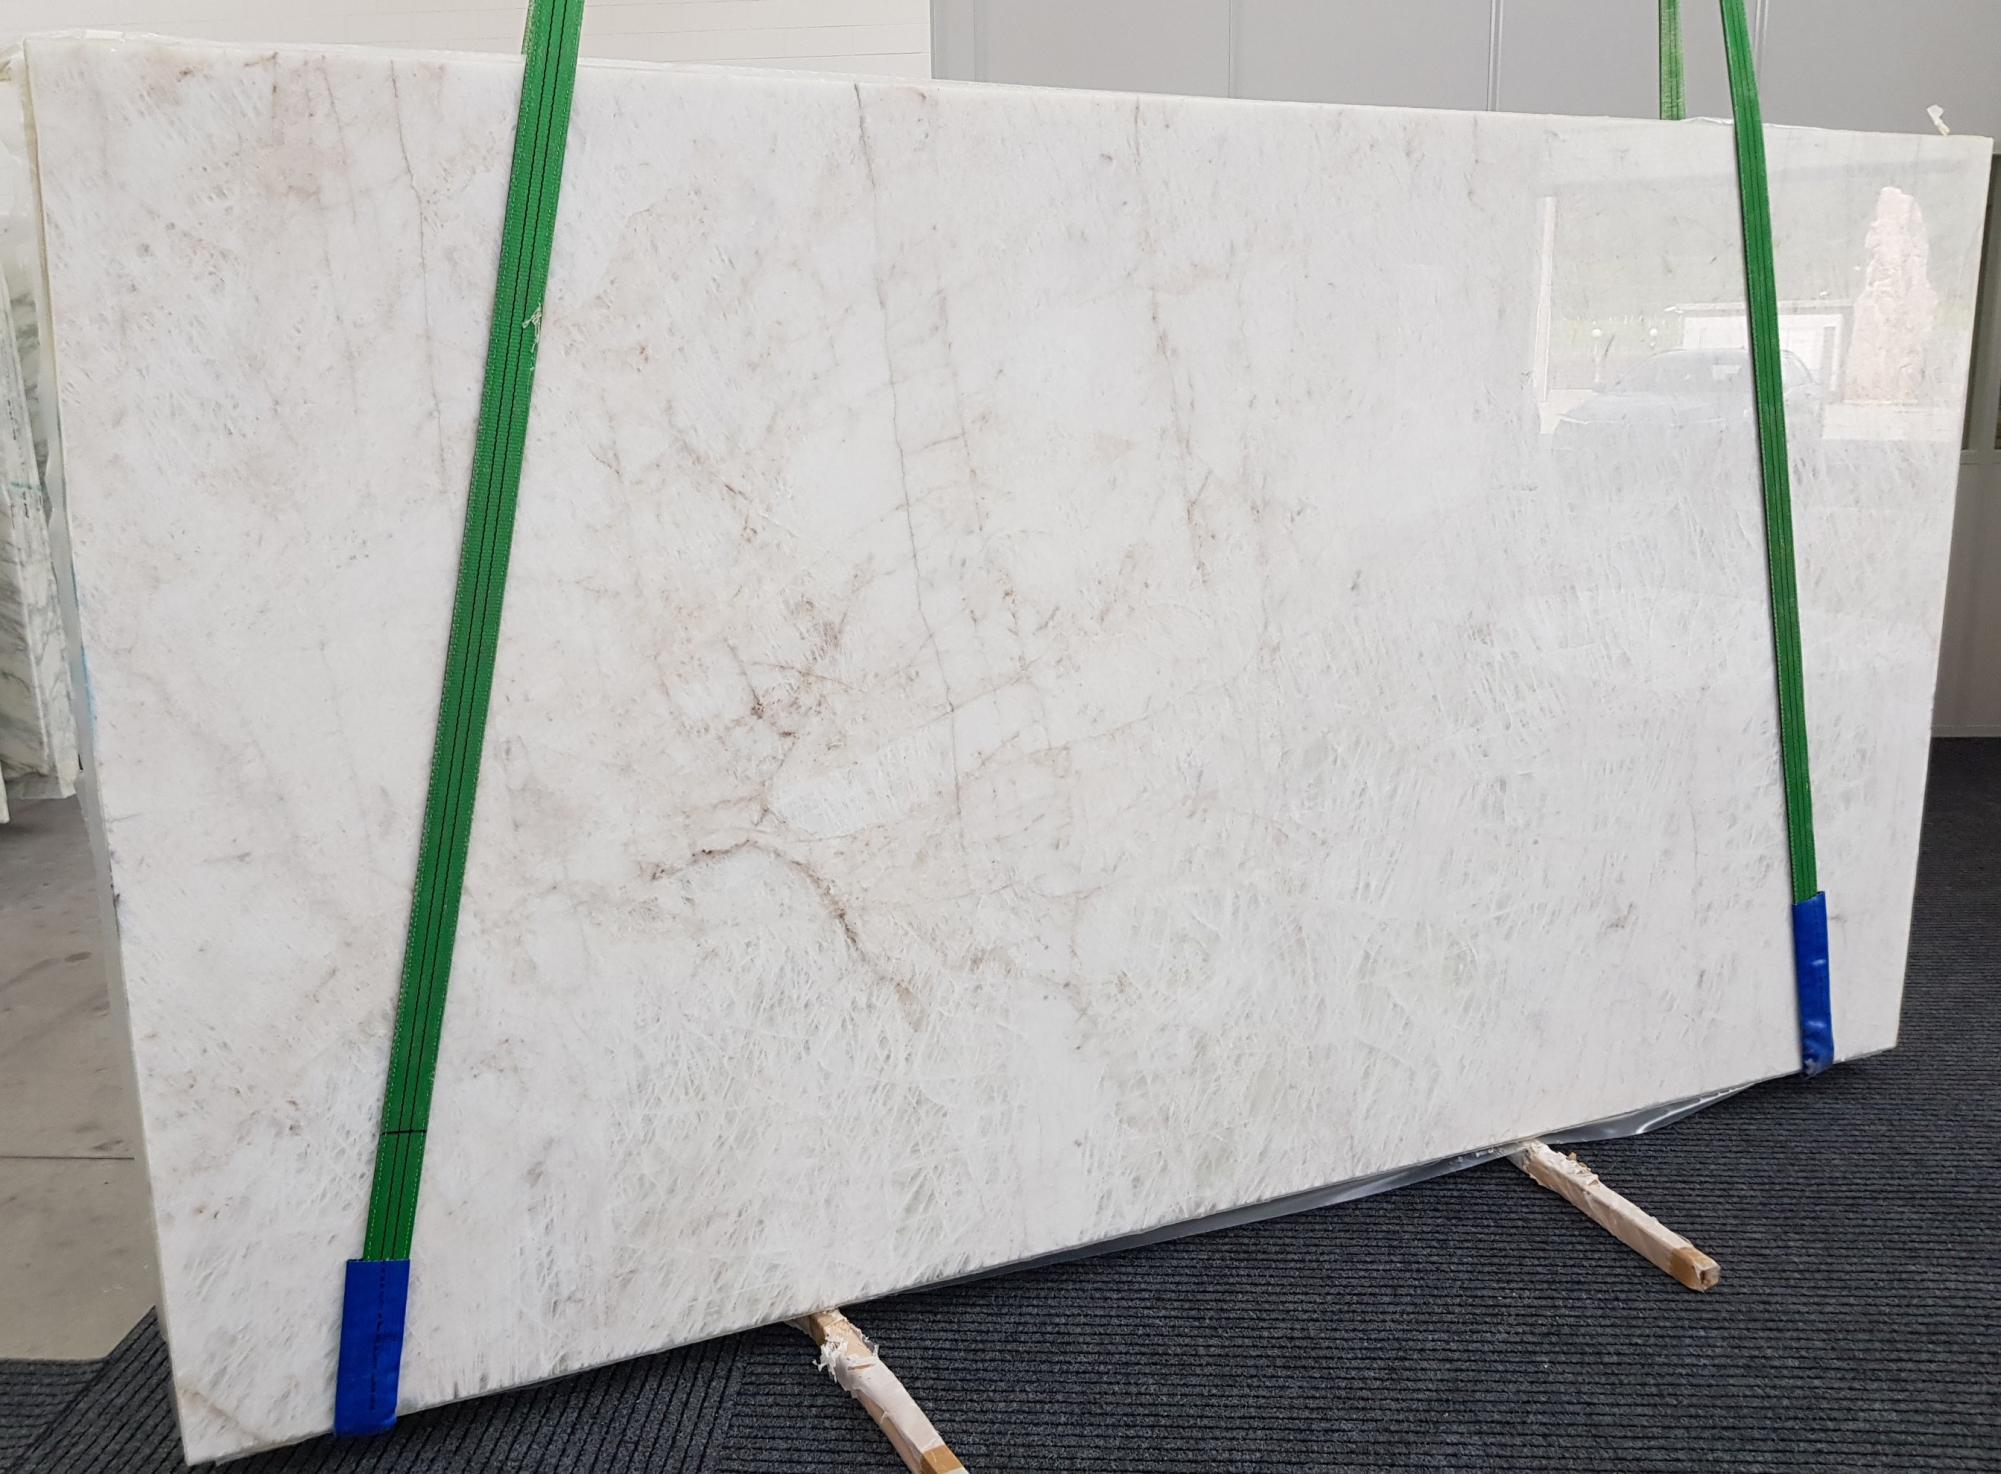 CRISTALLO geschliffene Unmaßplatten 1163 aus Natur Quarzit , Slab #08: Lieferung Veneto, Italien